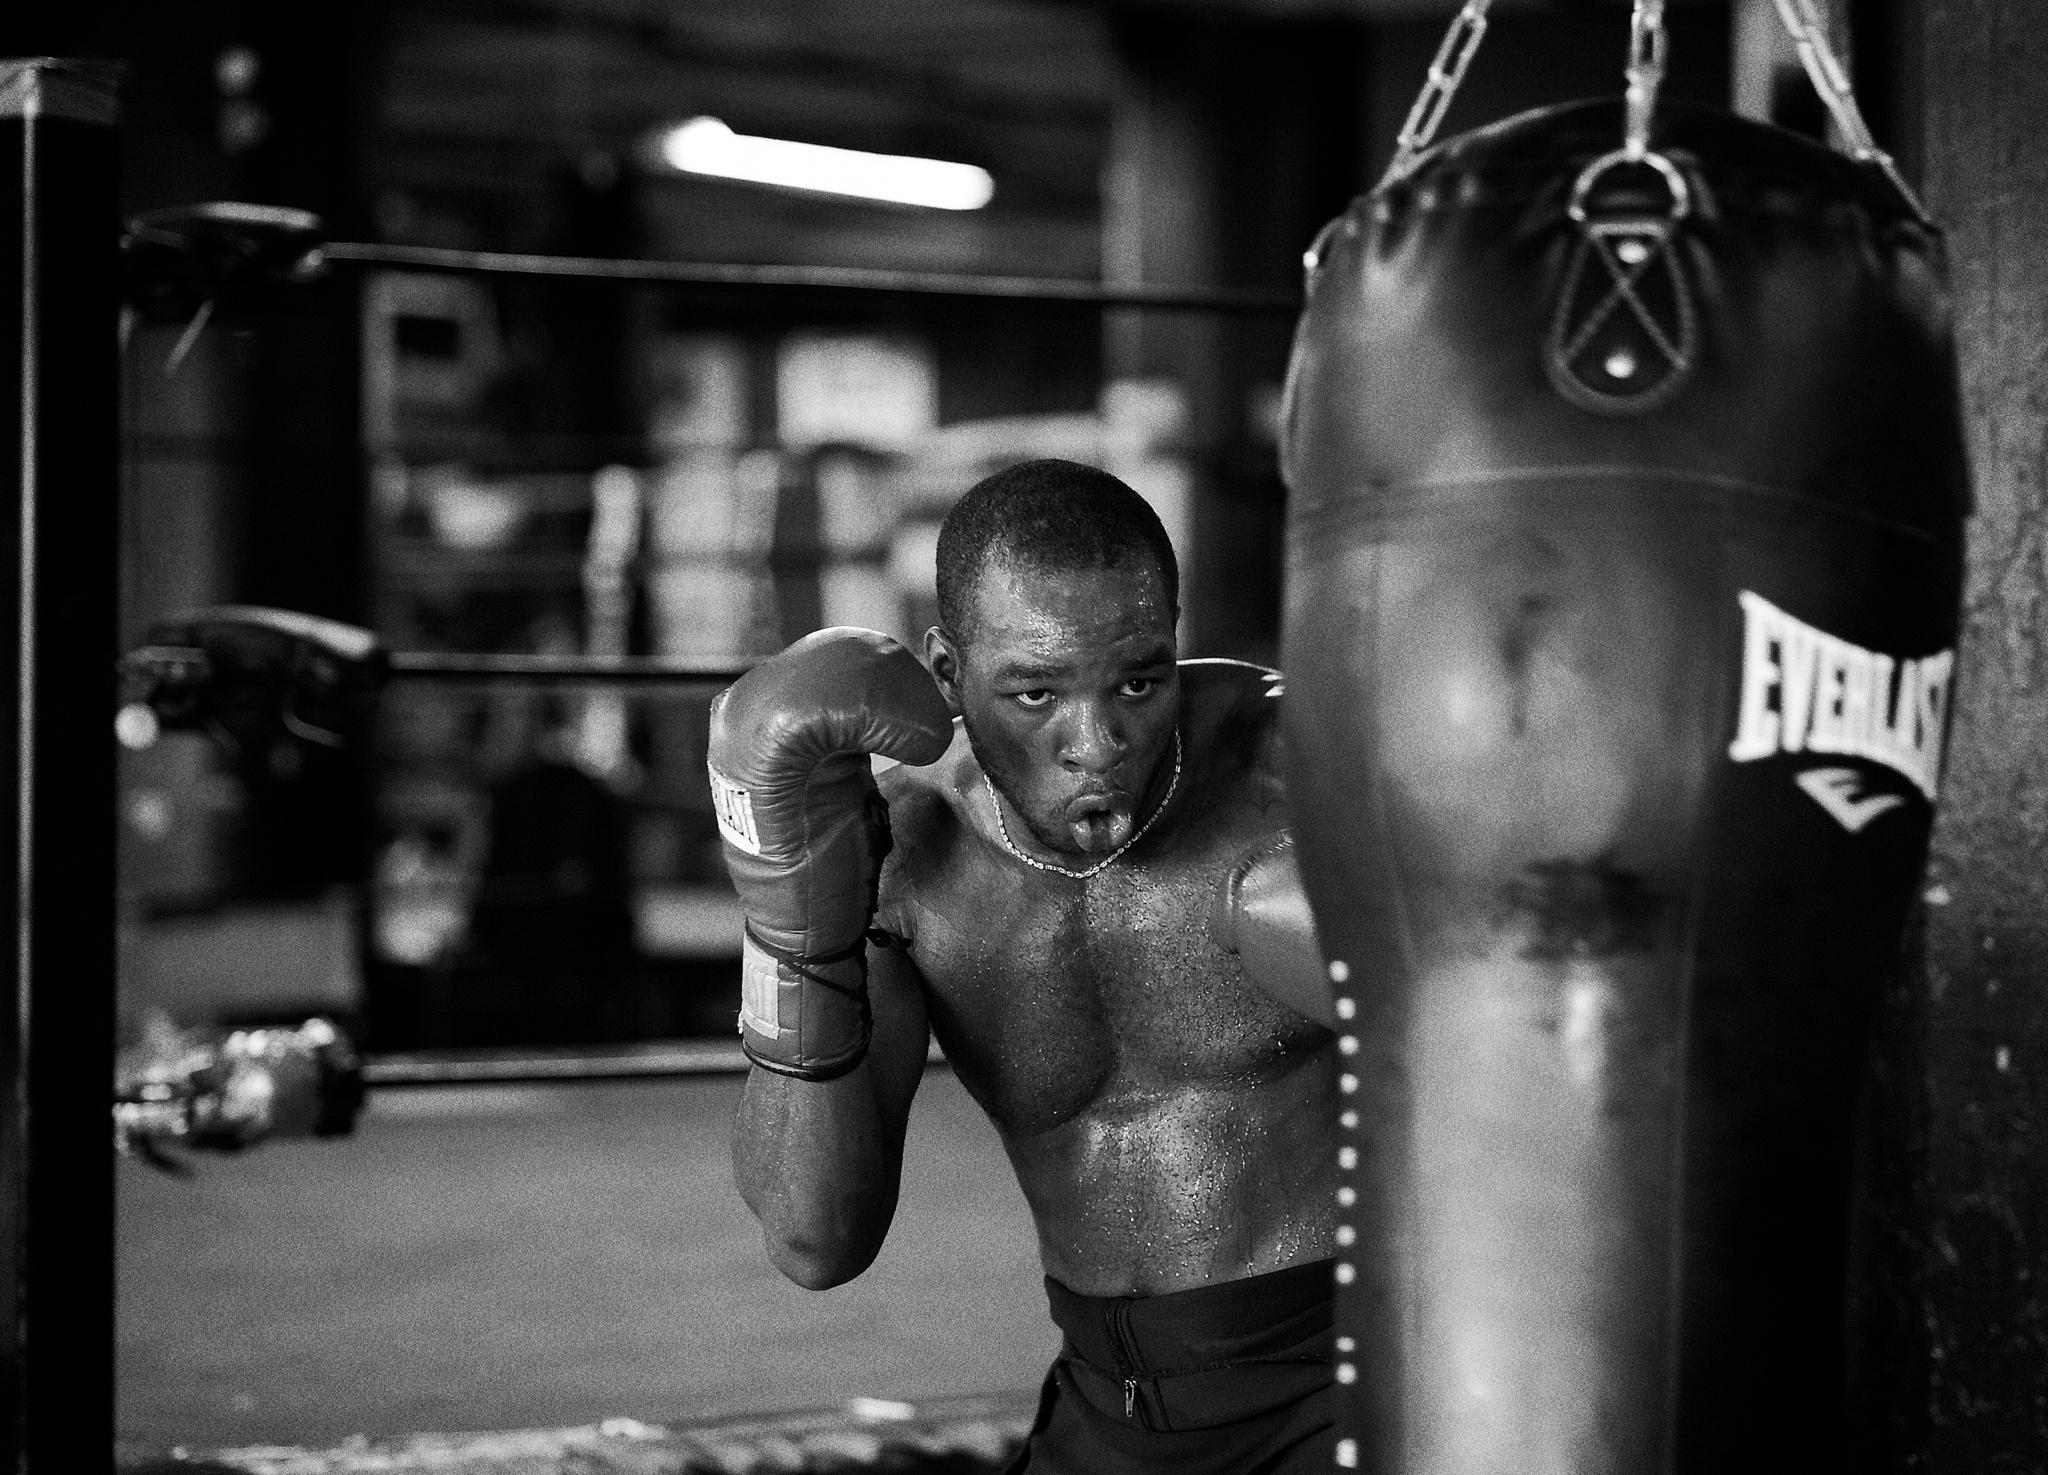 Boxer by Eric Kazmirek